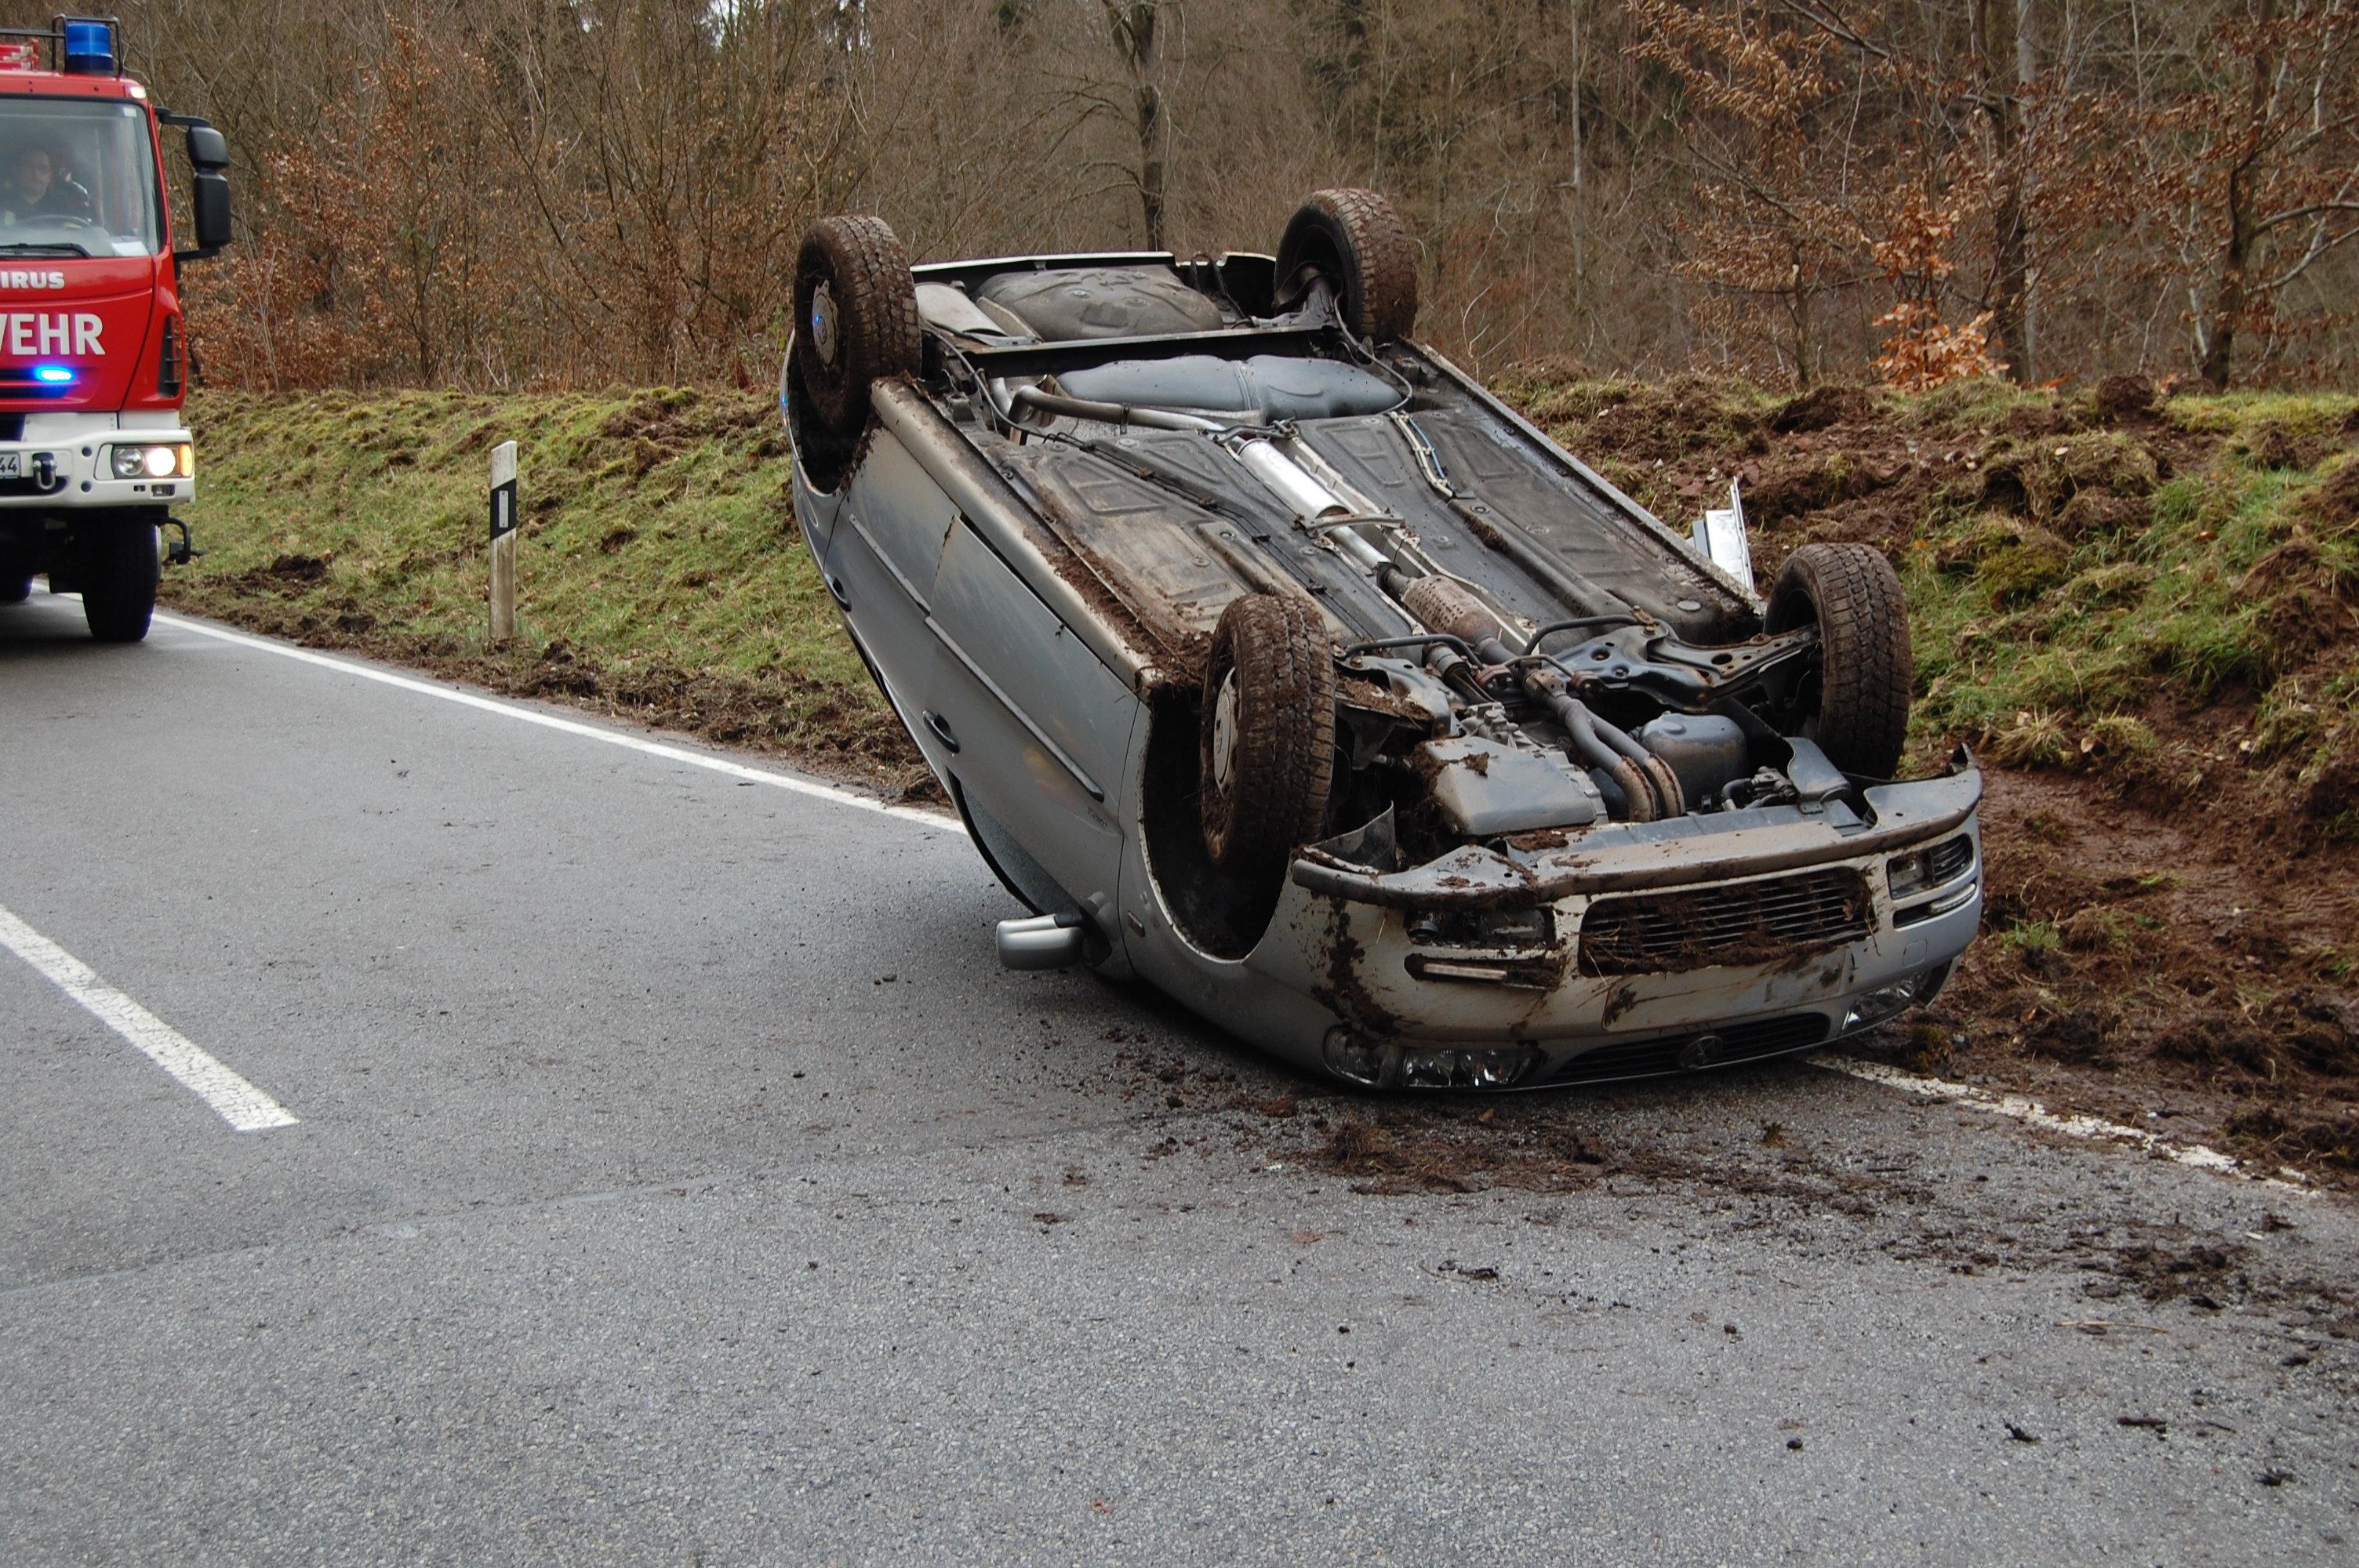 Ausgezeichnet Download Unfall Bilder - Elektrische Schaltplan-Ideen ...